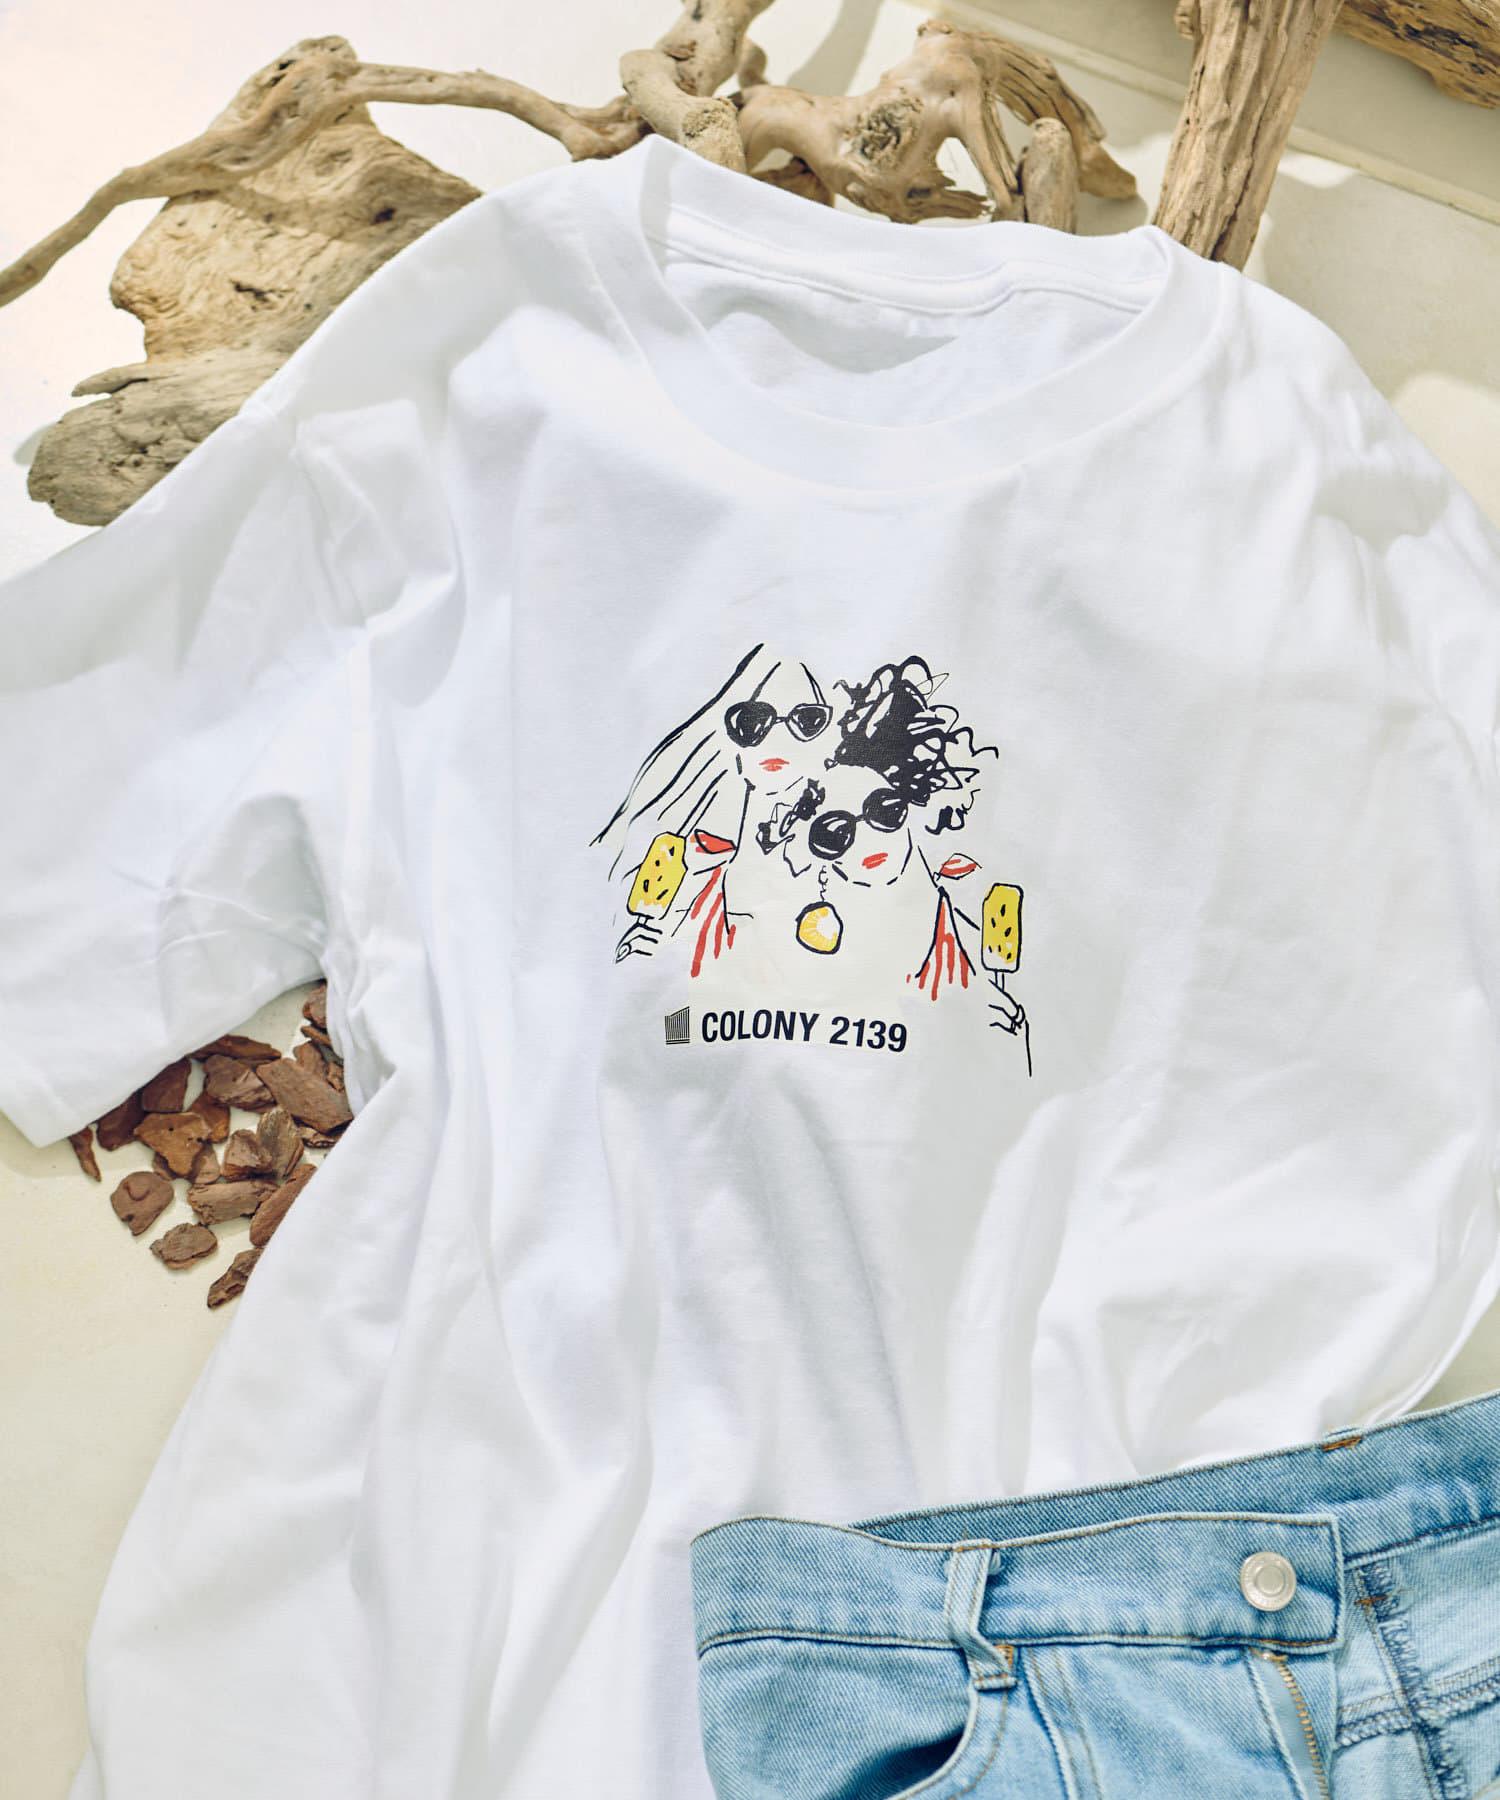 COLONY 2139(コロニー トゥーワンスリーナイン) レディース イラストレーターコラボTシャツ オフホワイト